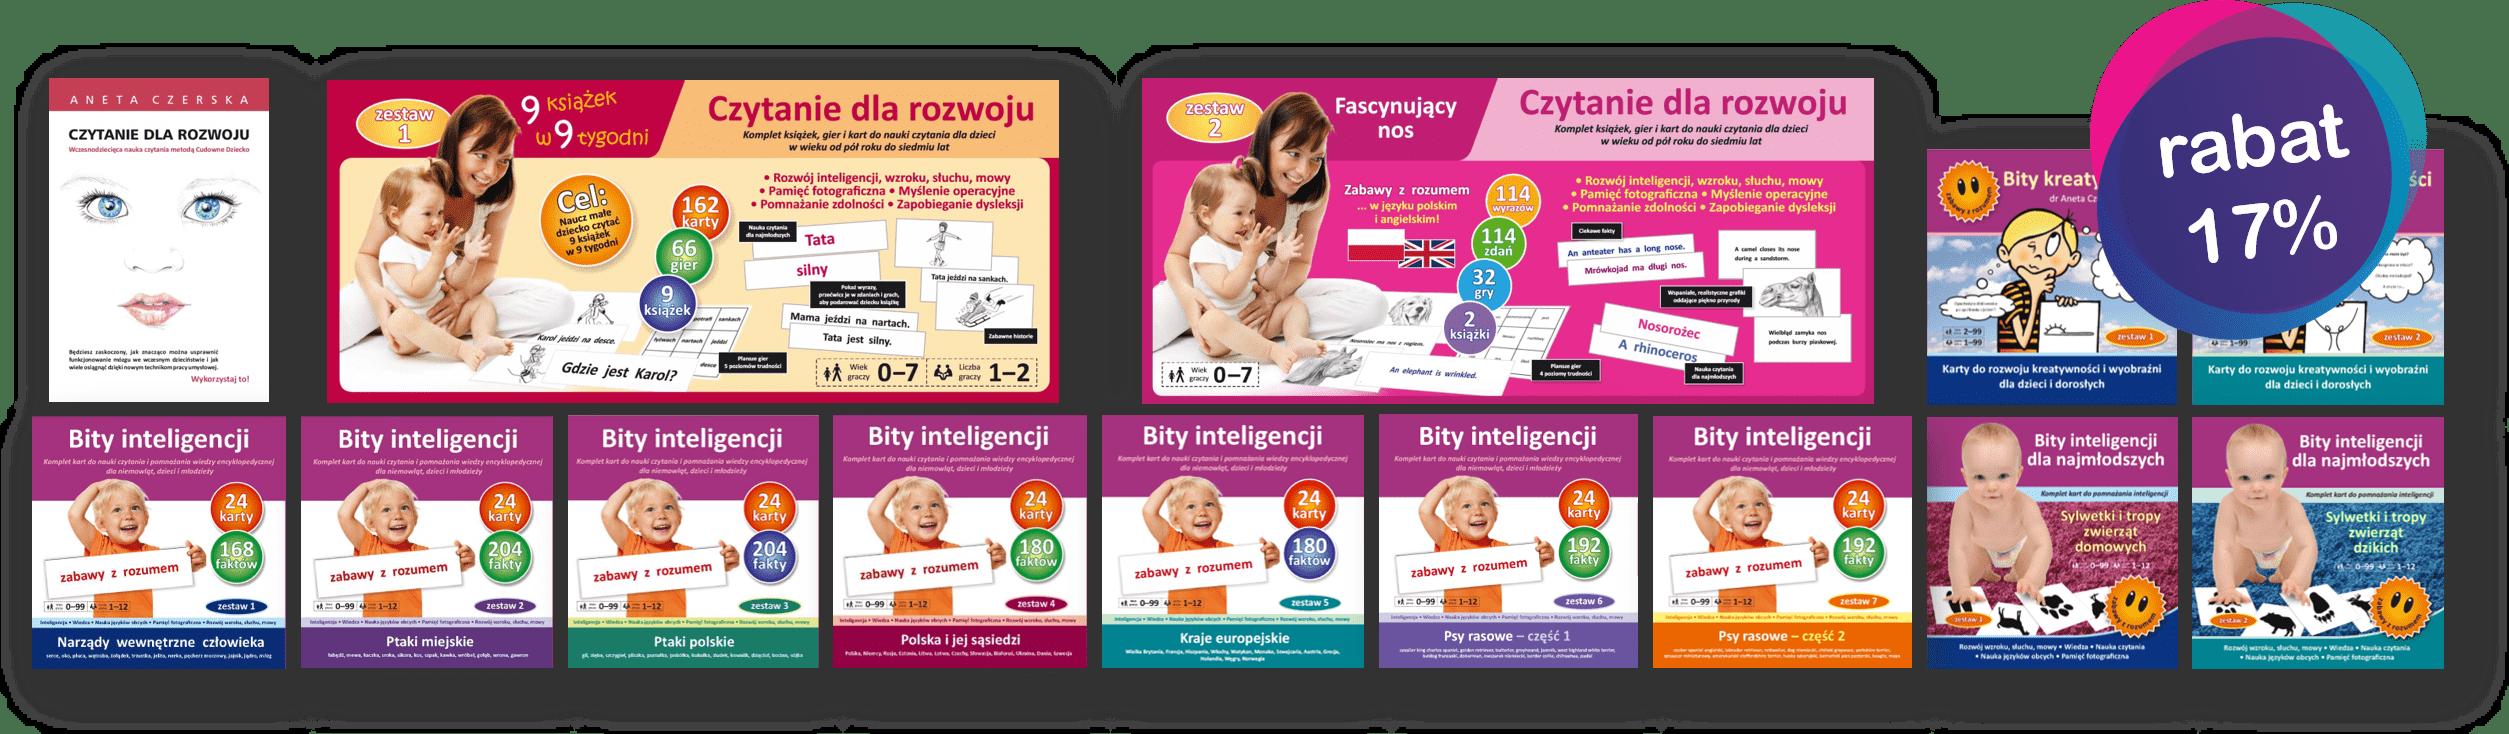 promocja zestaw donauki czytania globalnego dla małych dzieci bity inteligencji bity kreatywności książka